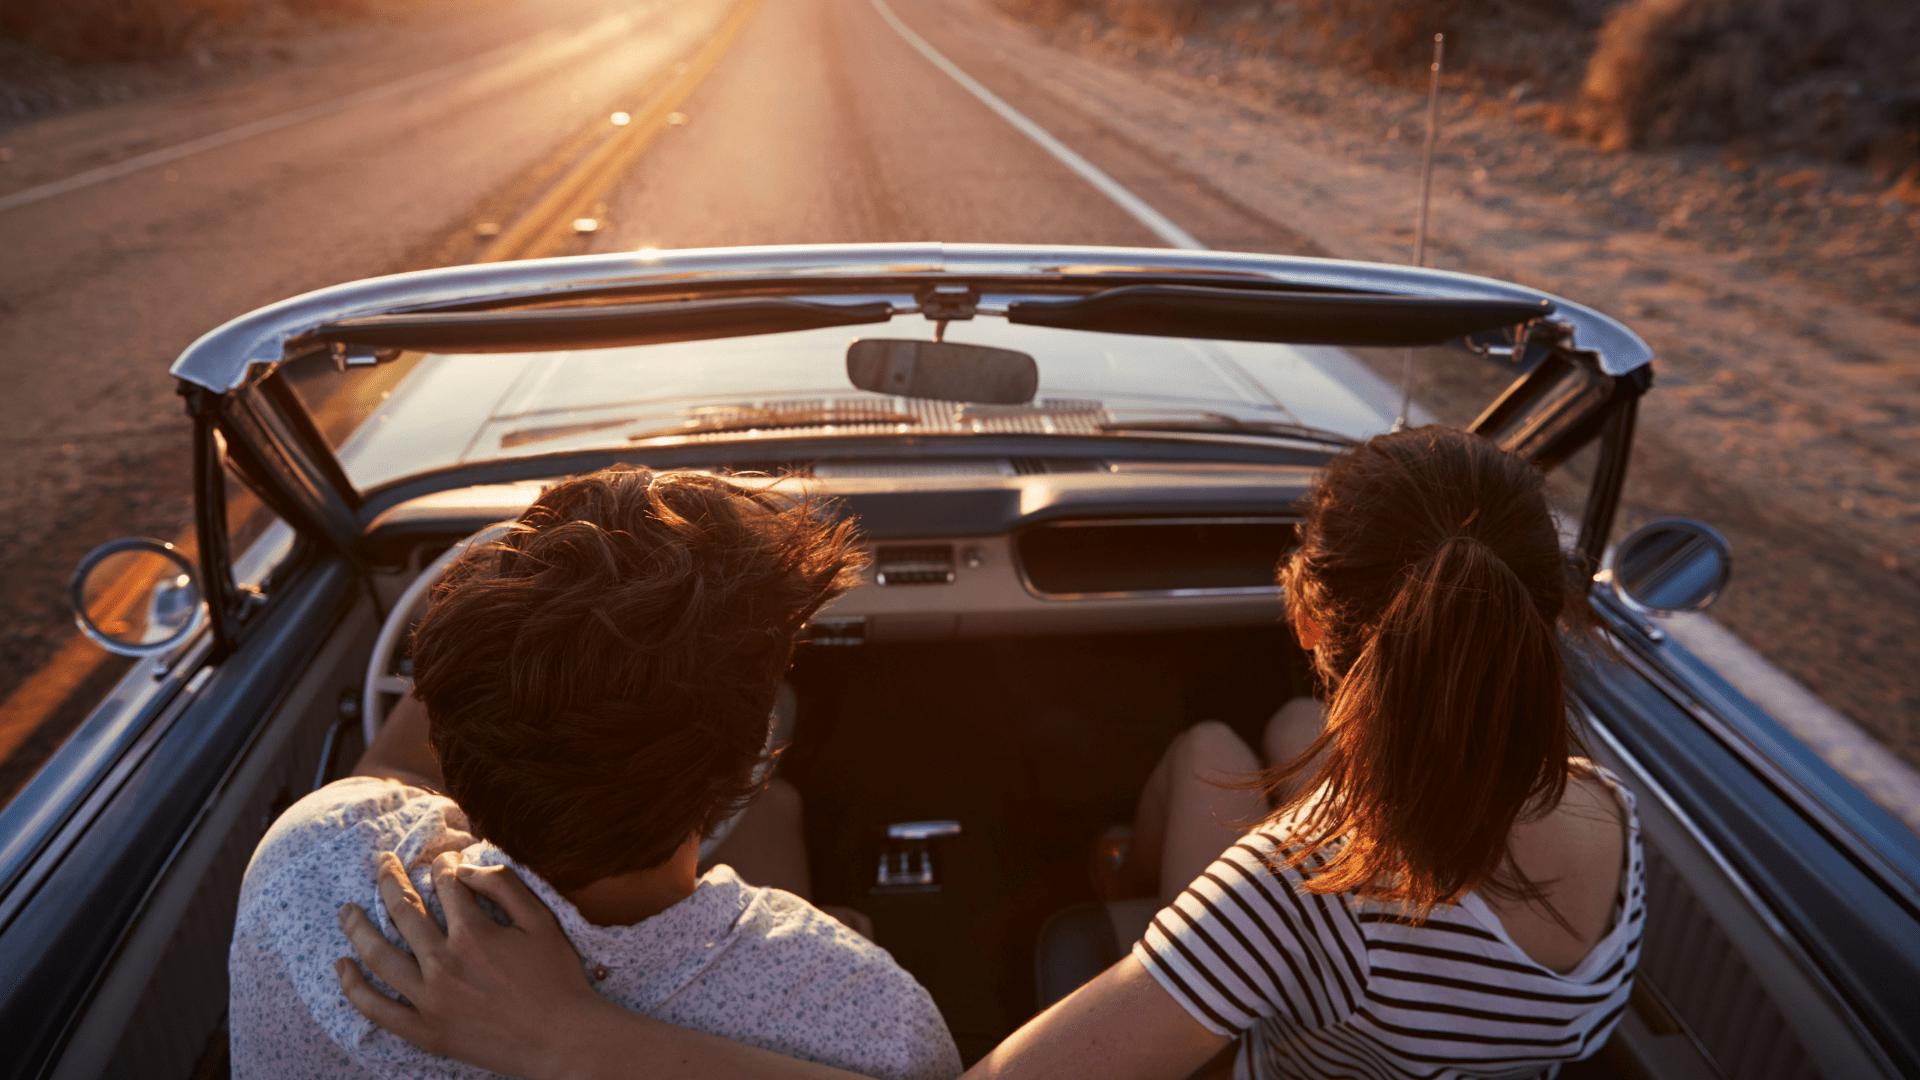 Mėgaukitės laisve pasirinkę Skrisk ir važiuok kelionę